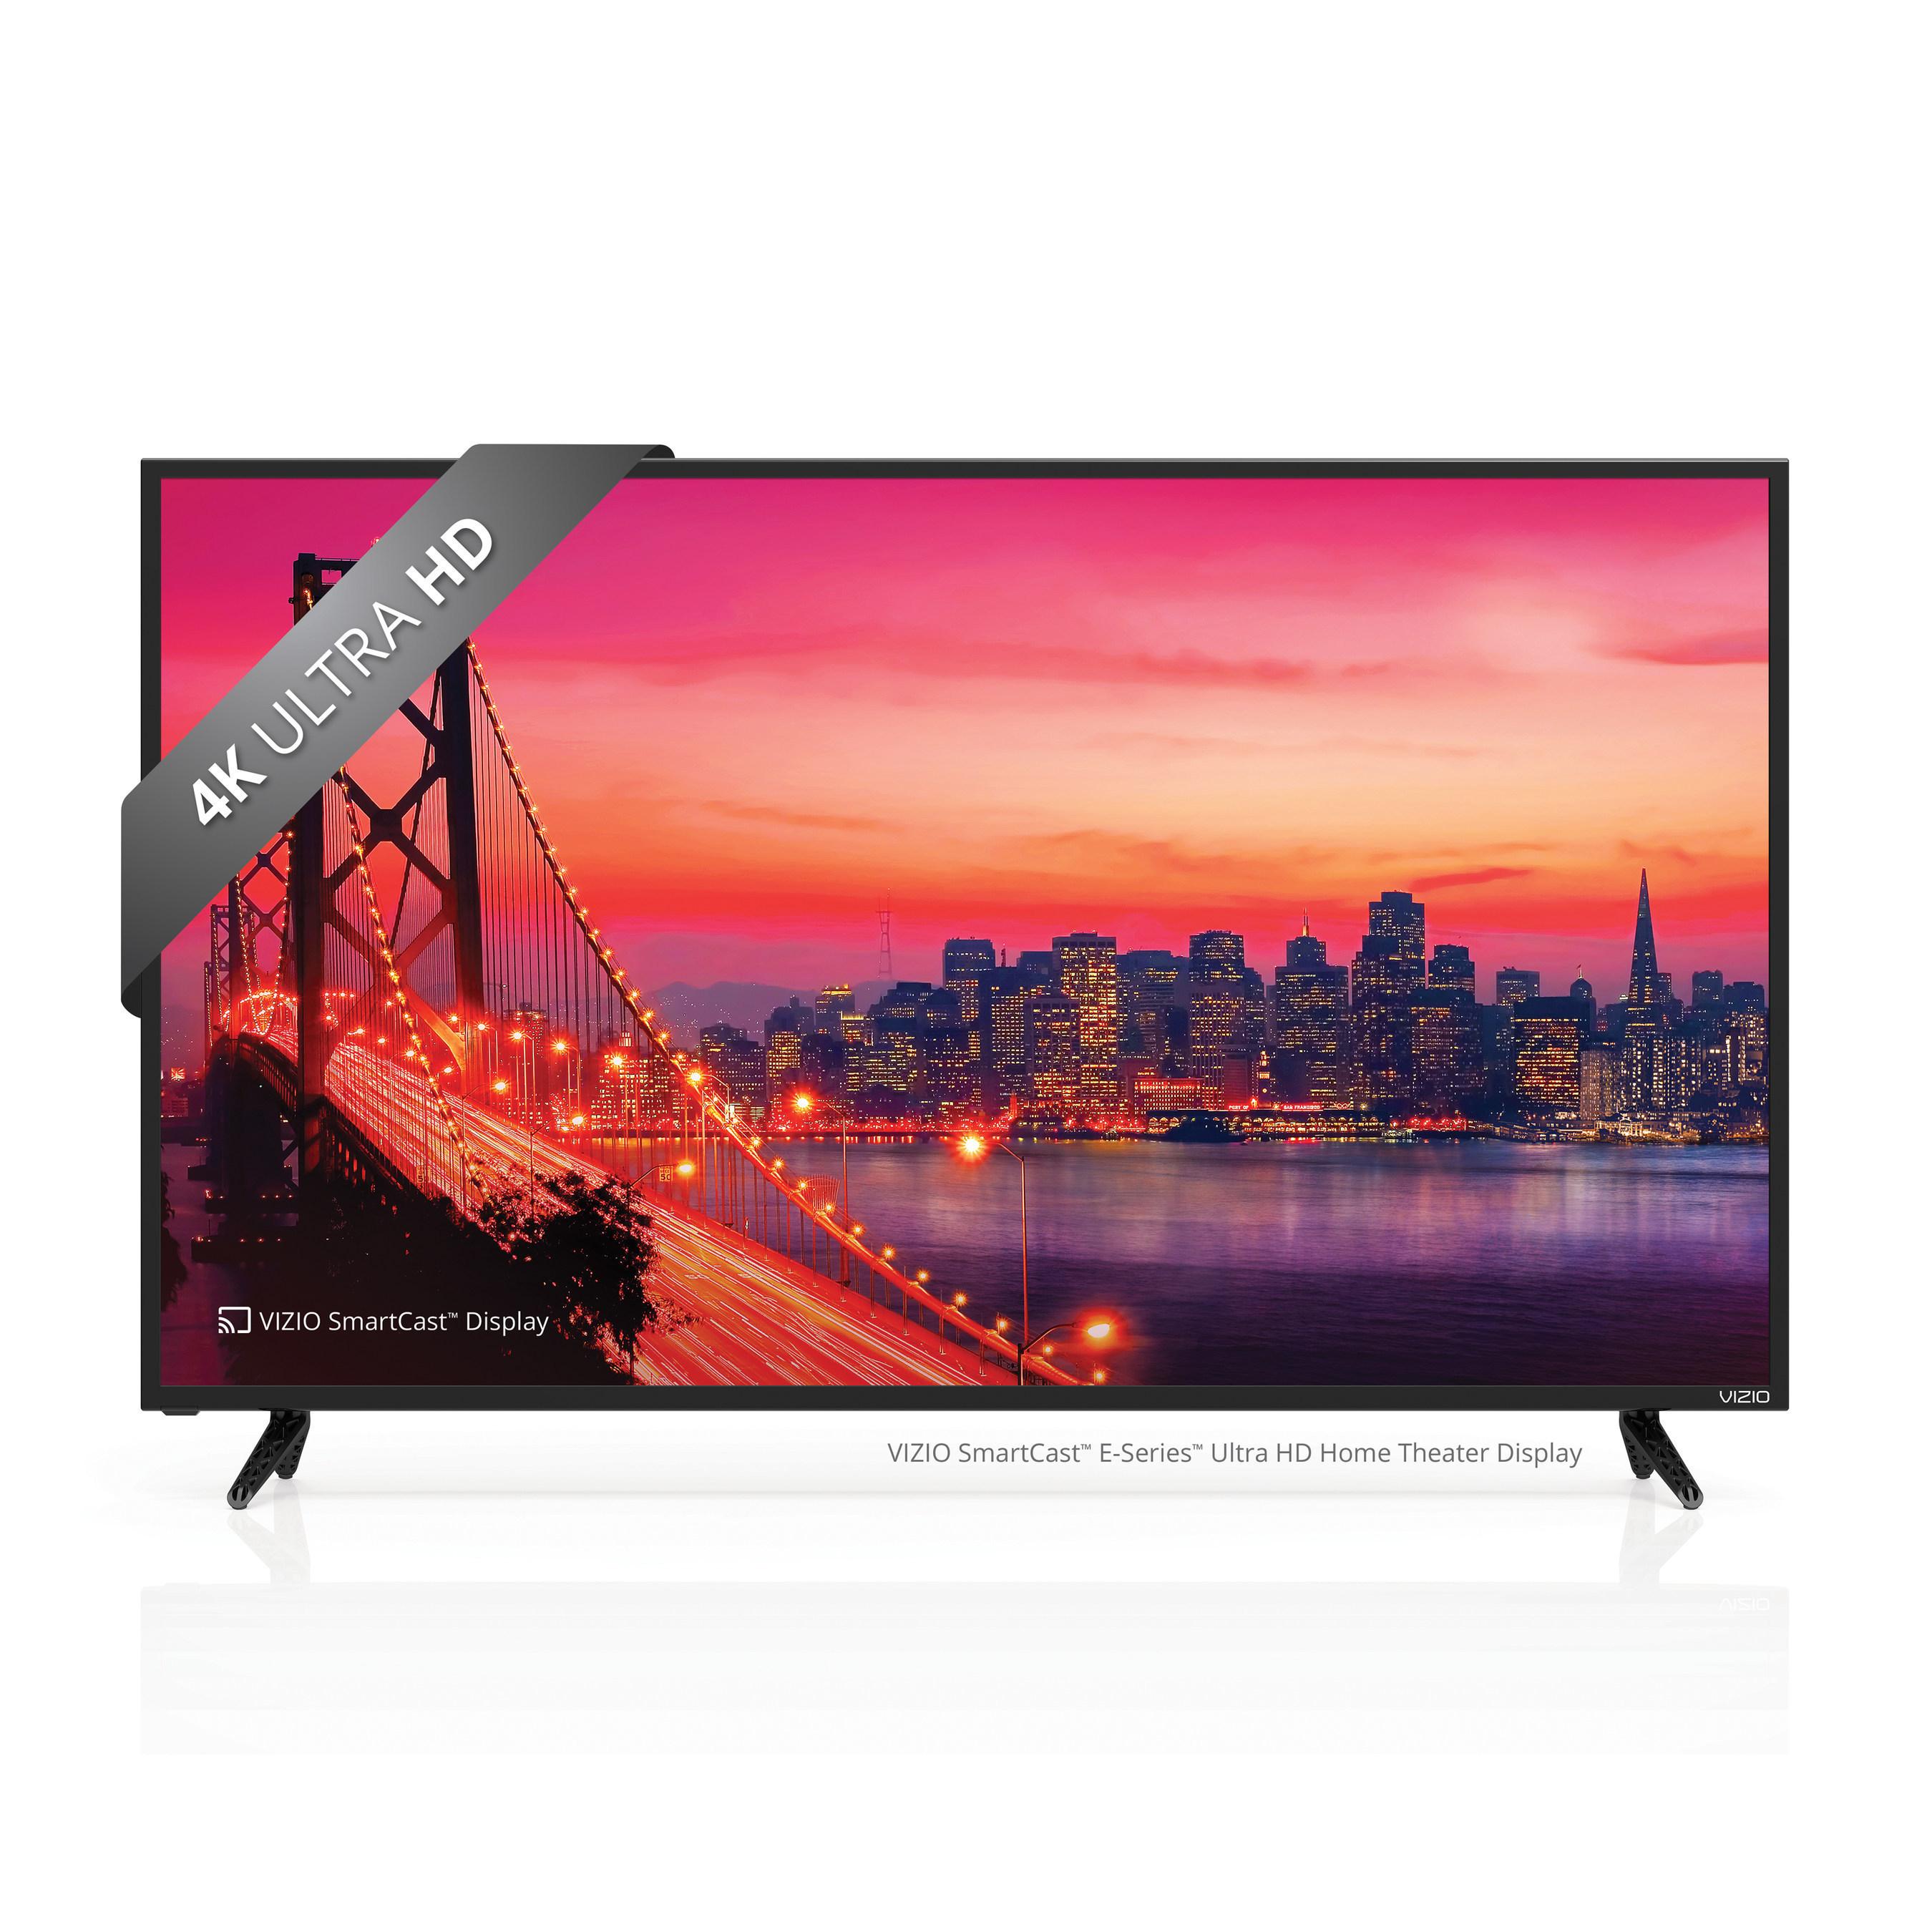 VIZIO SmartCast™ E-Series™ Ultra HD Home Theater Display